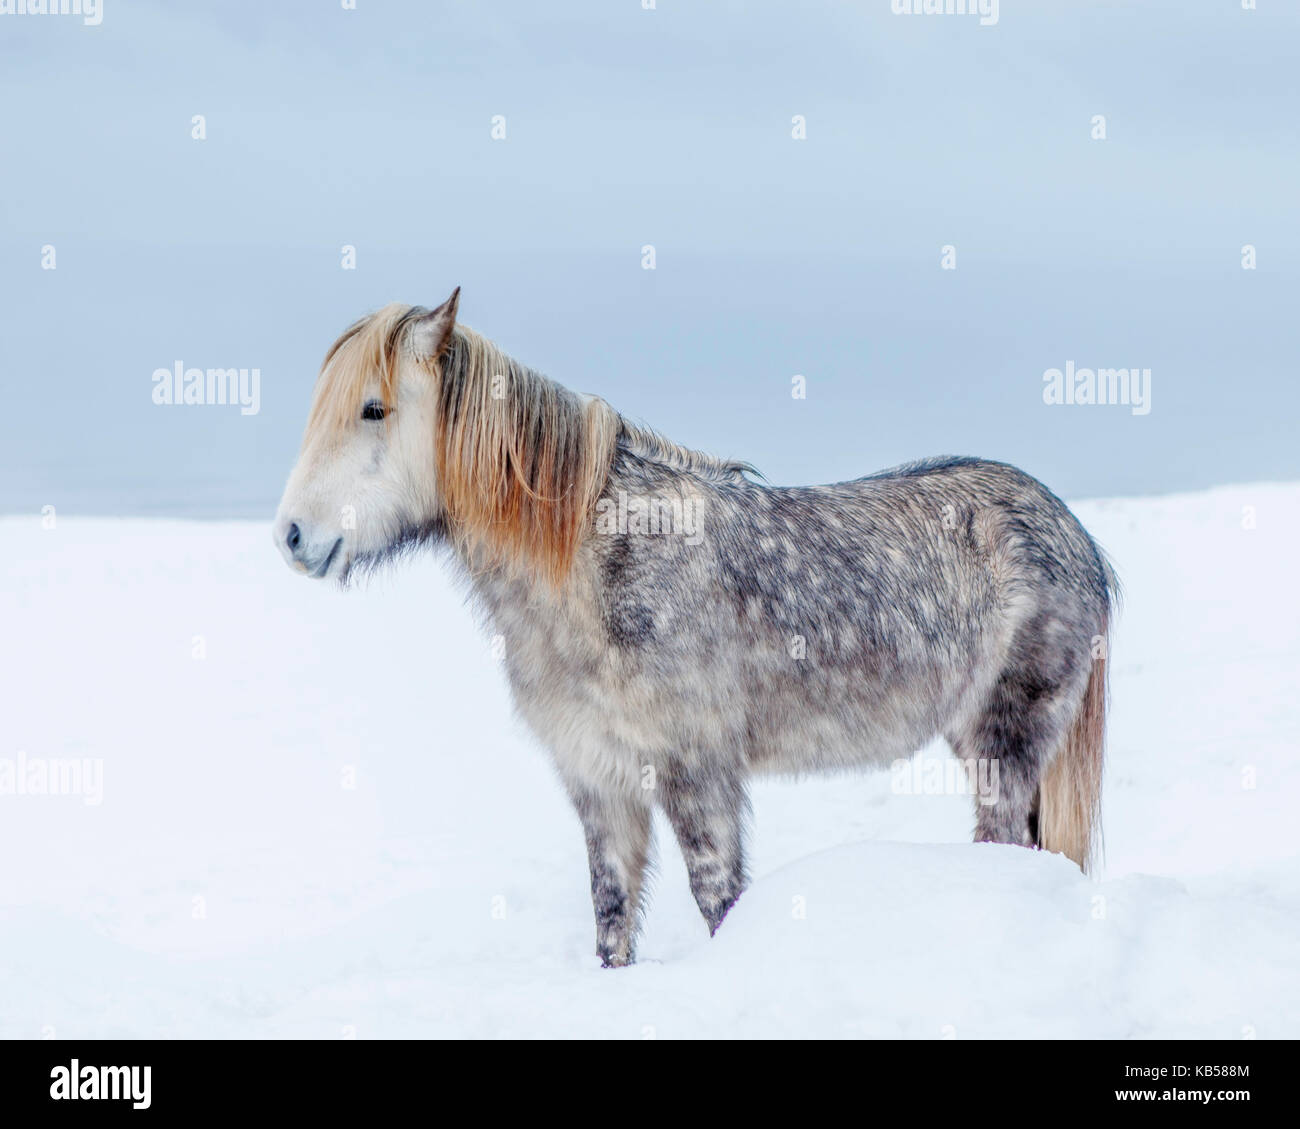 Portrait cheval islandais l'Islande, le cheval islandais est une race développée en Islande avec de Photo Stock